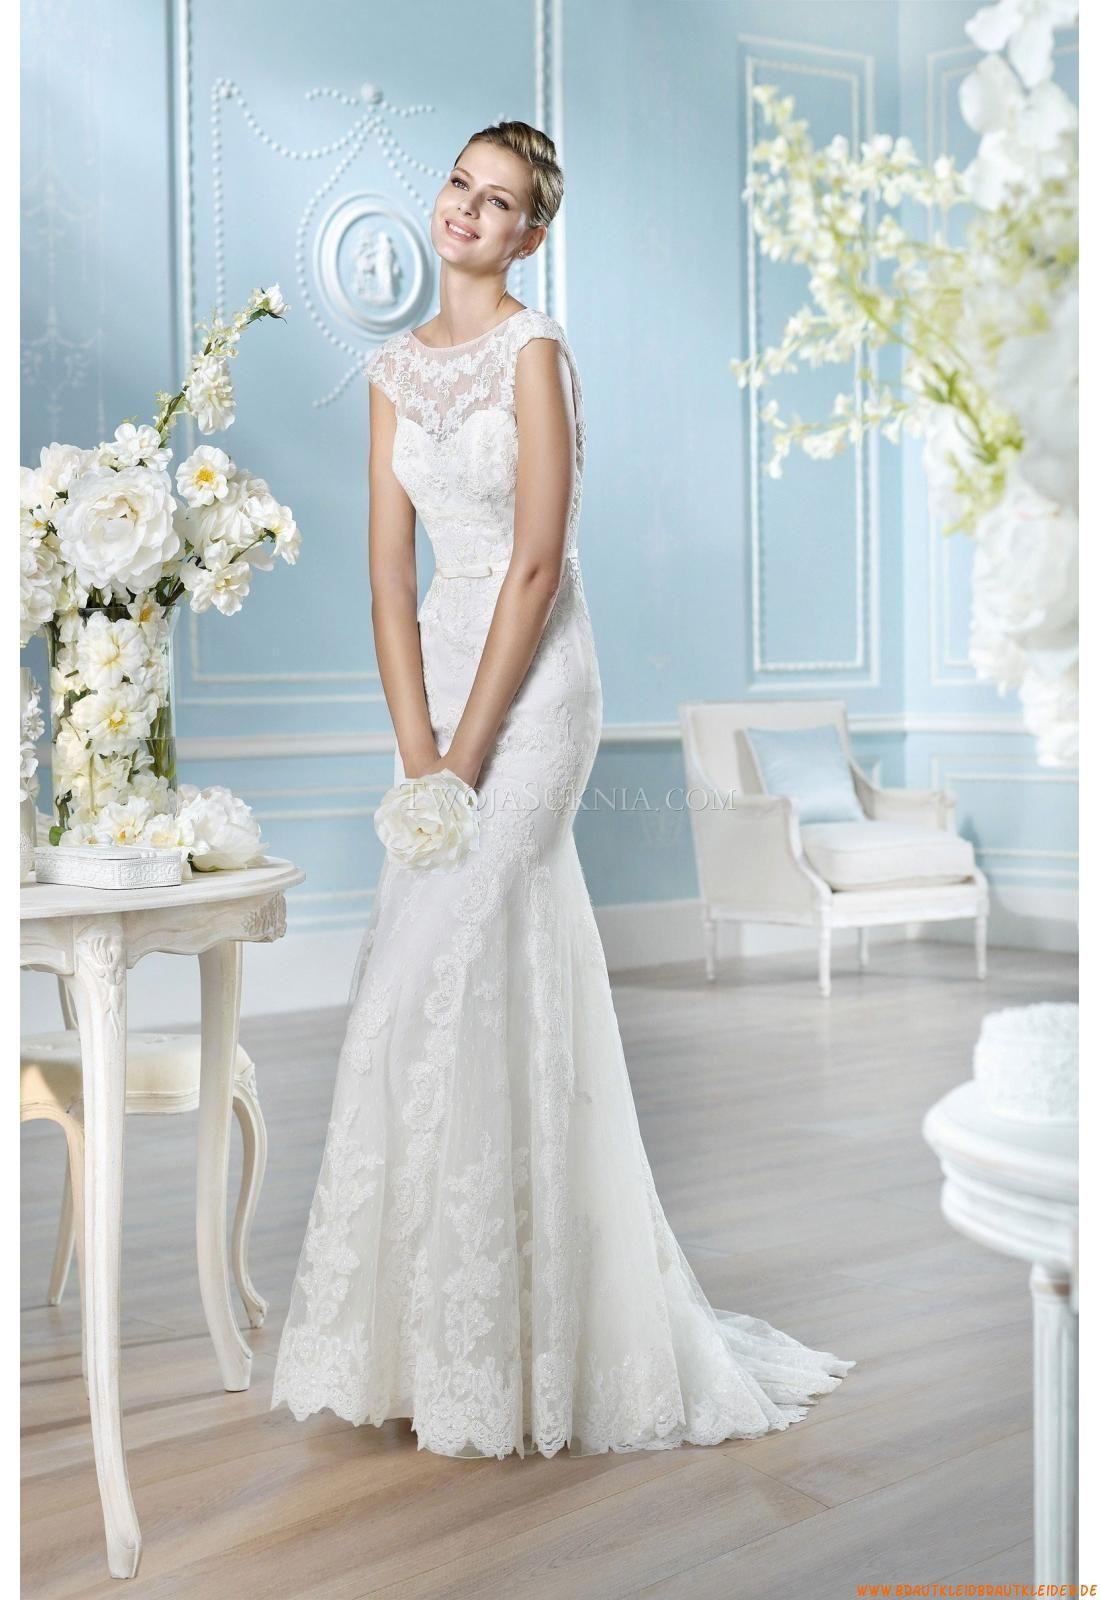 Spitze Elegante Brautkleider | Hochzeit | Pinterest | Brautkleider ...